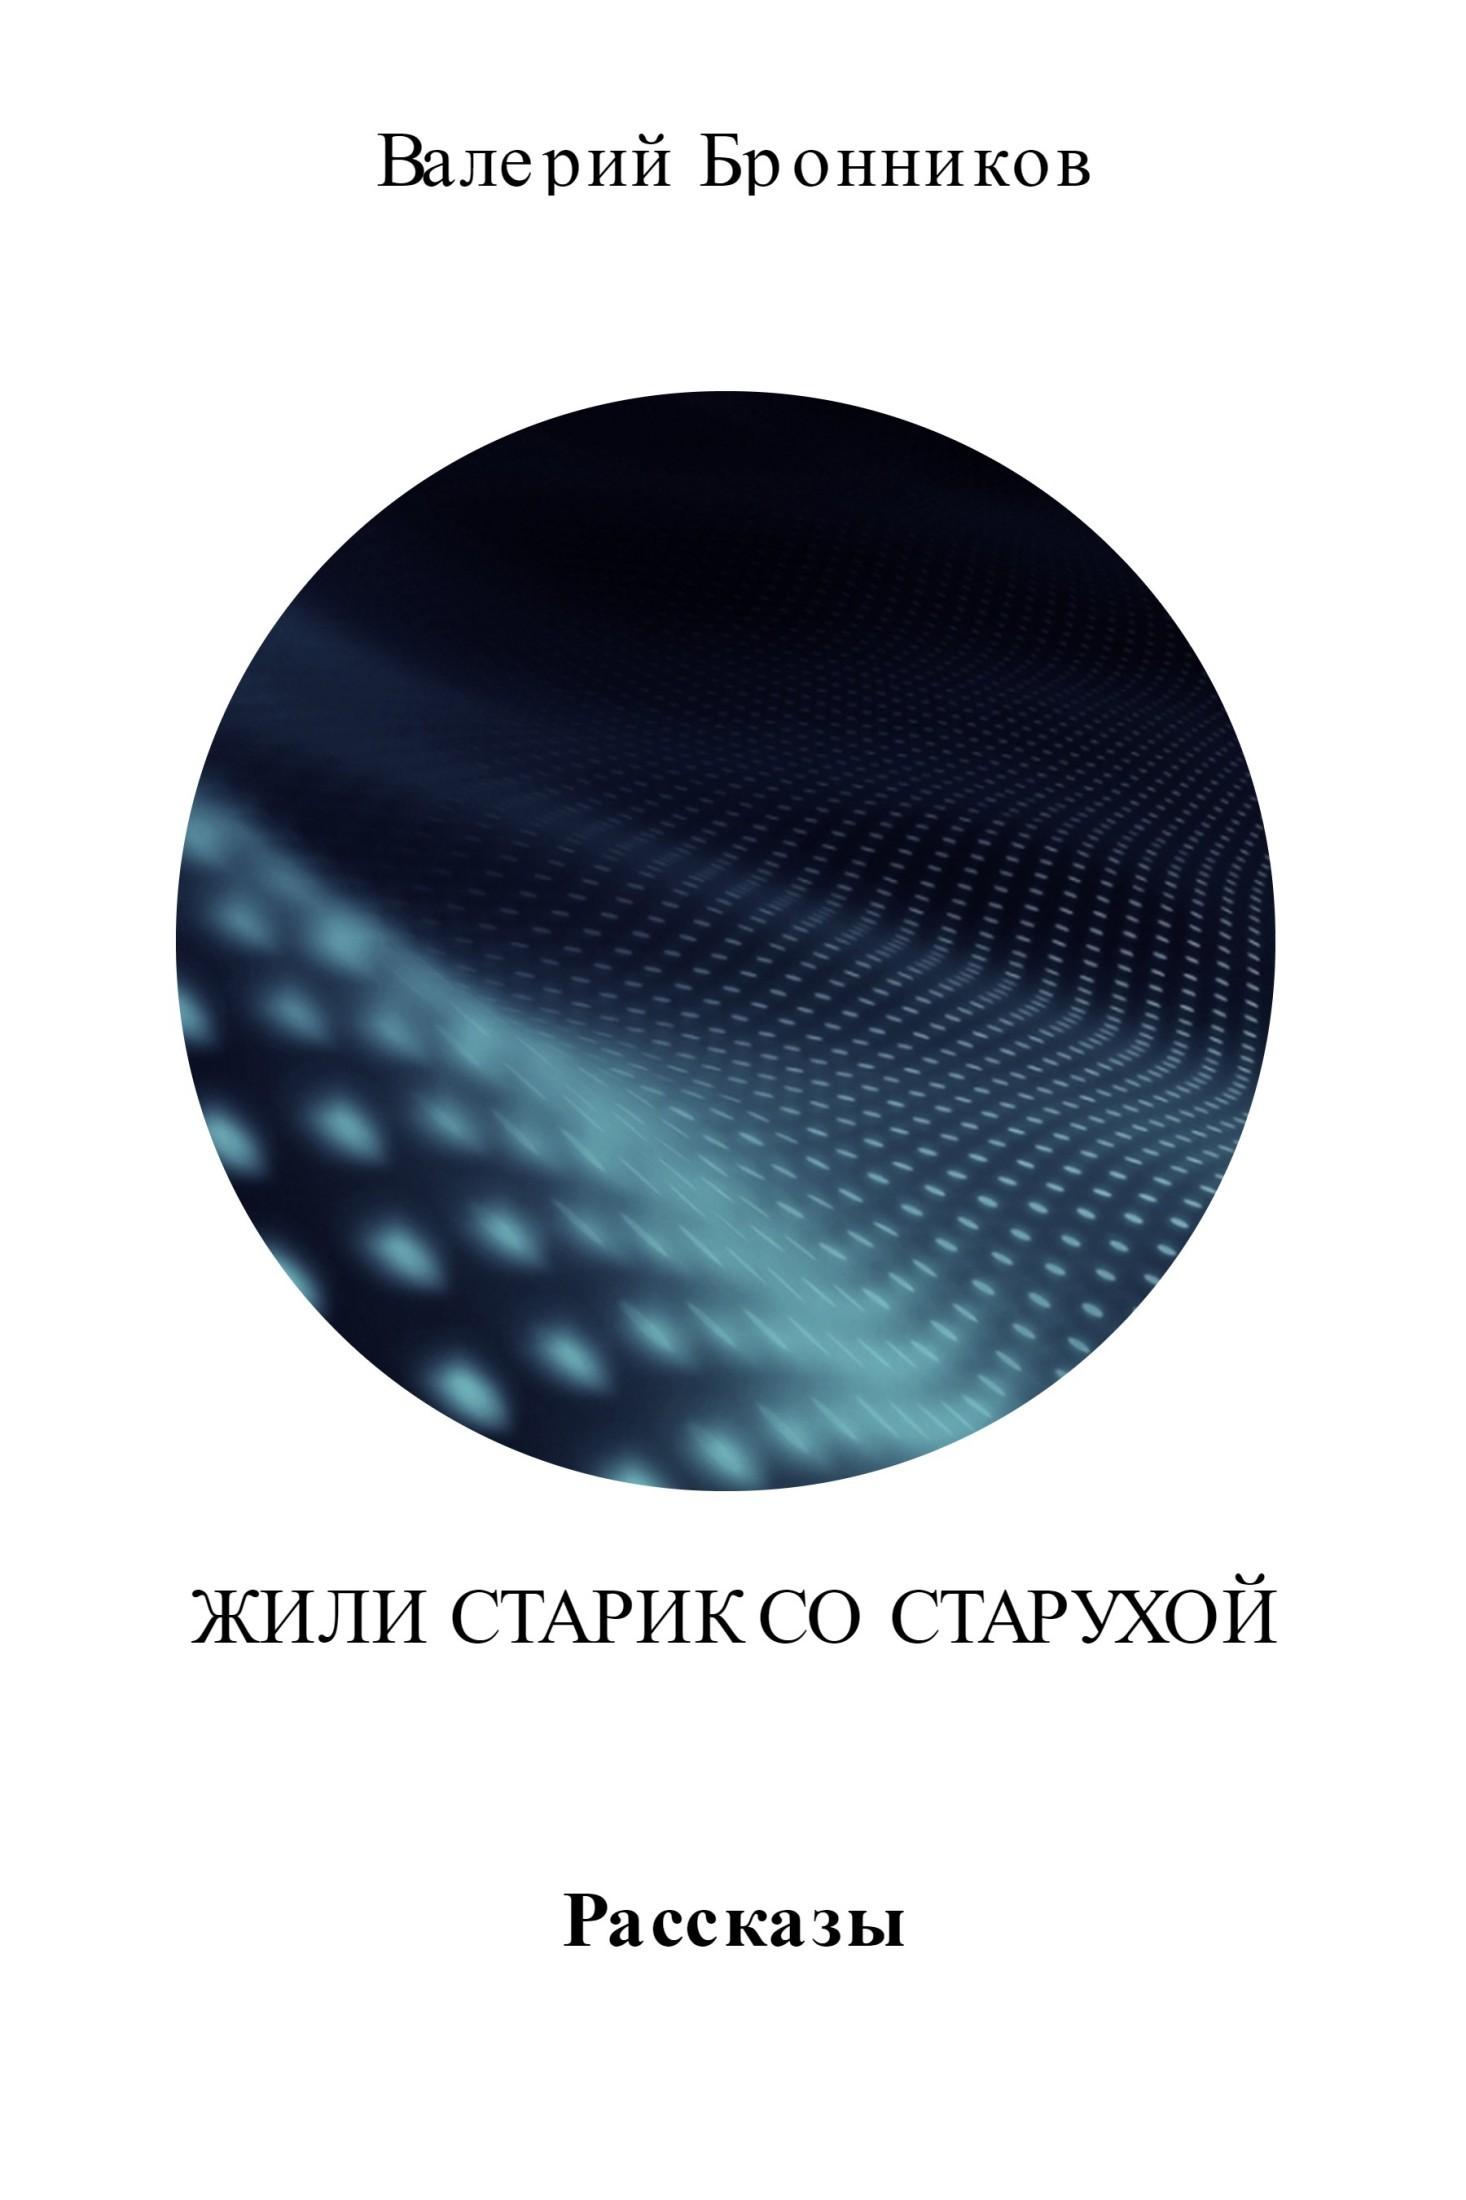 Валерий Викторович Бронников Жили старик со старухой. Сборник